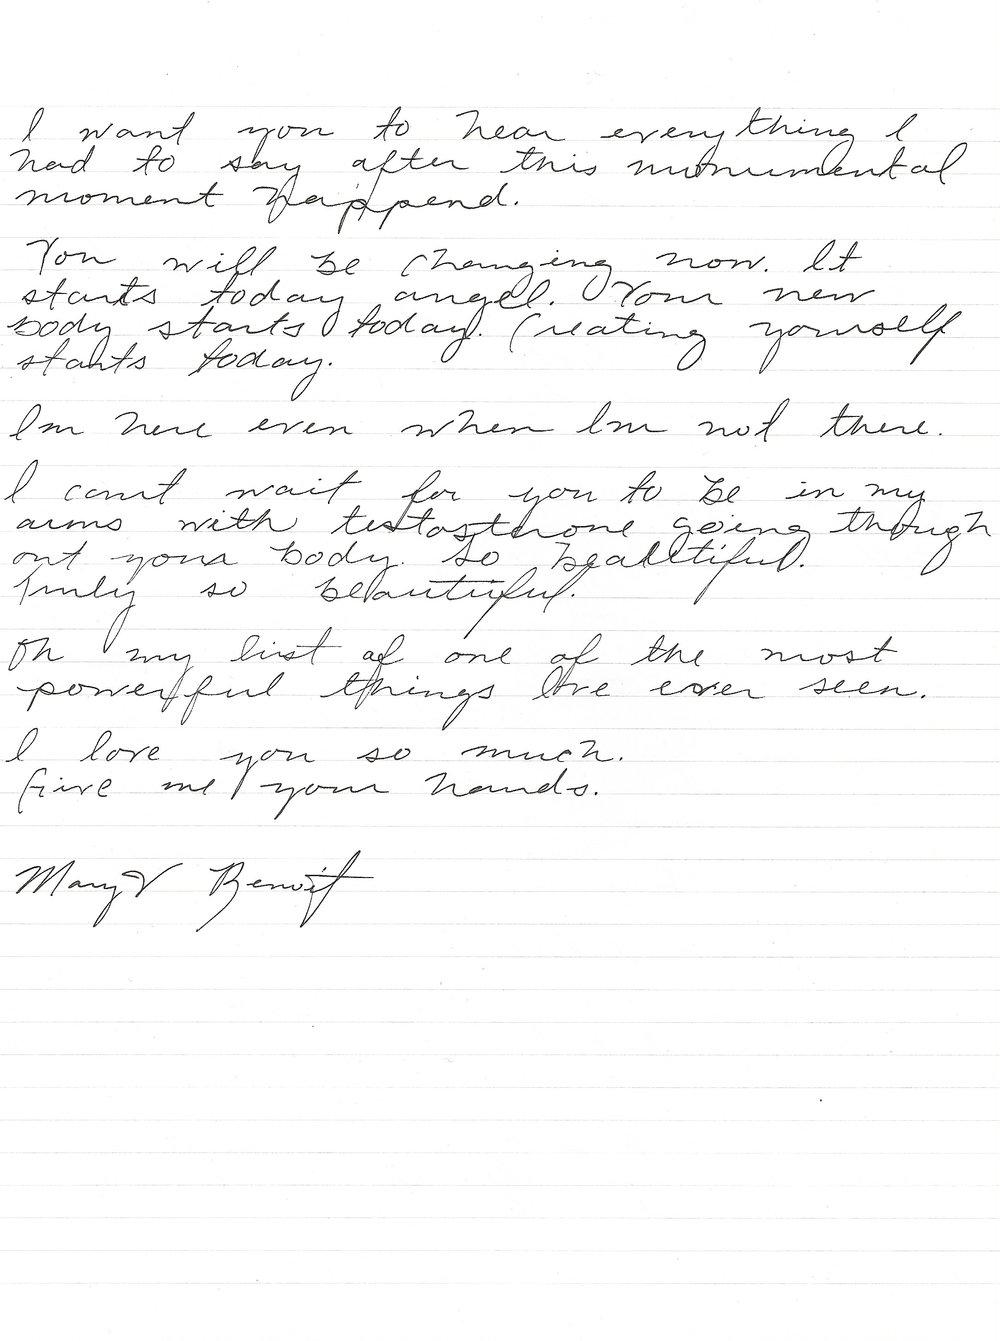 6_29_17 CGD Letter (back).jpeg